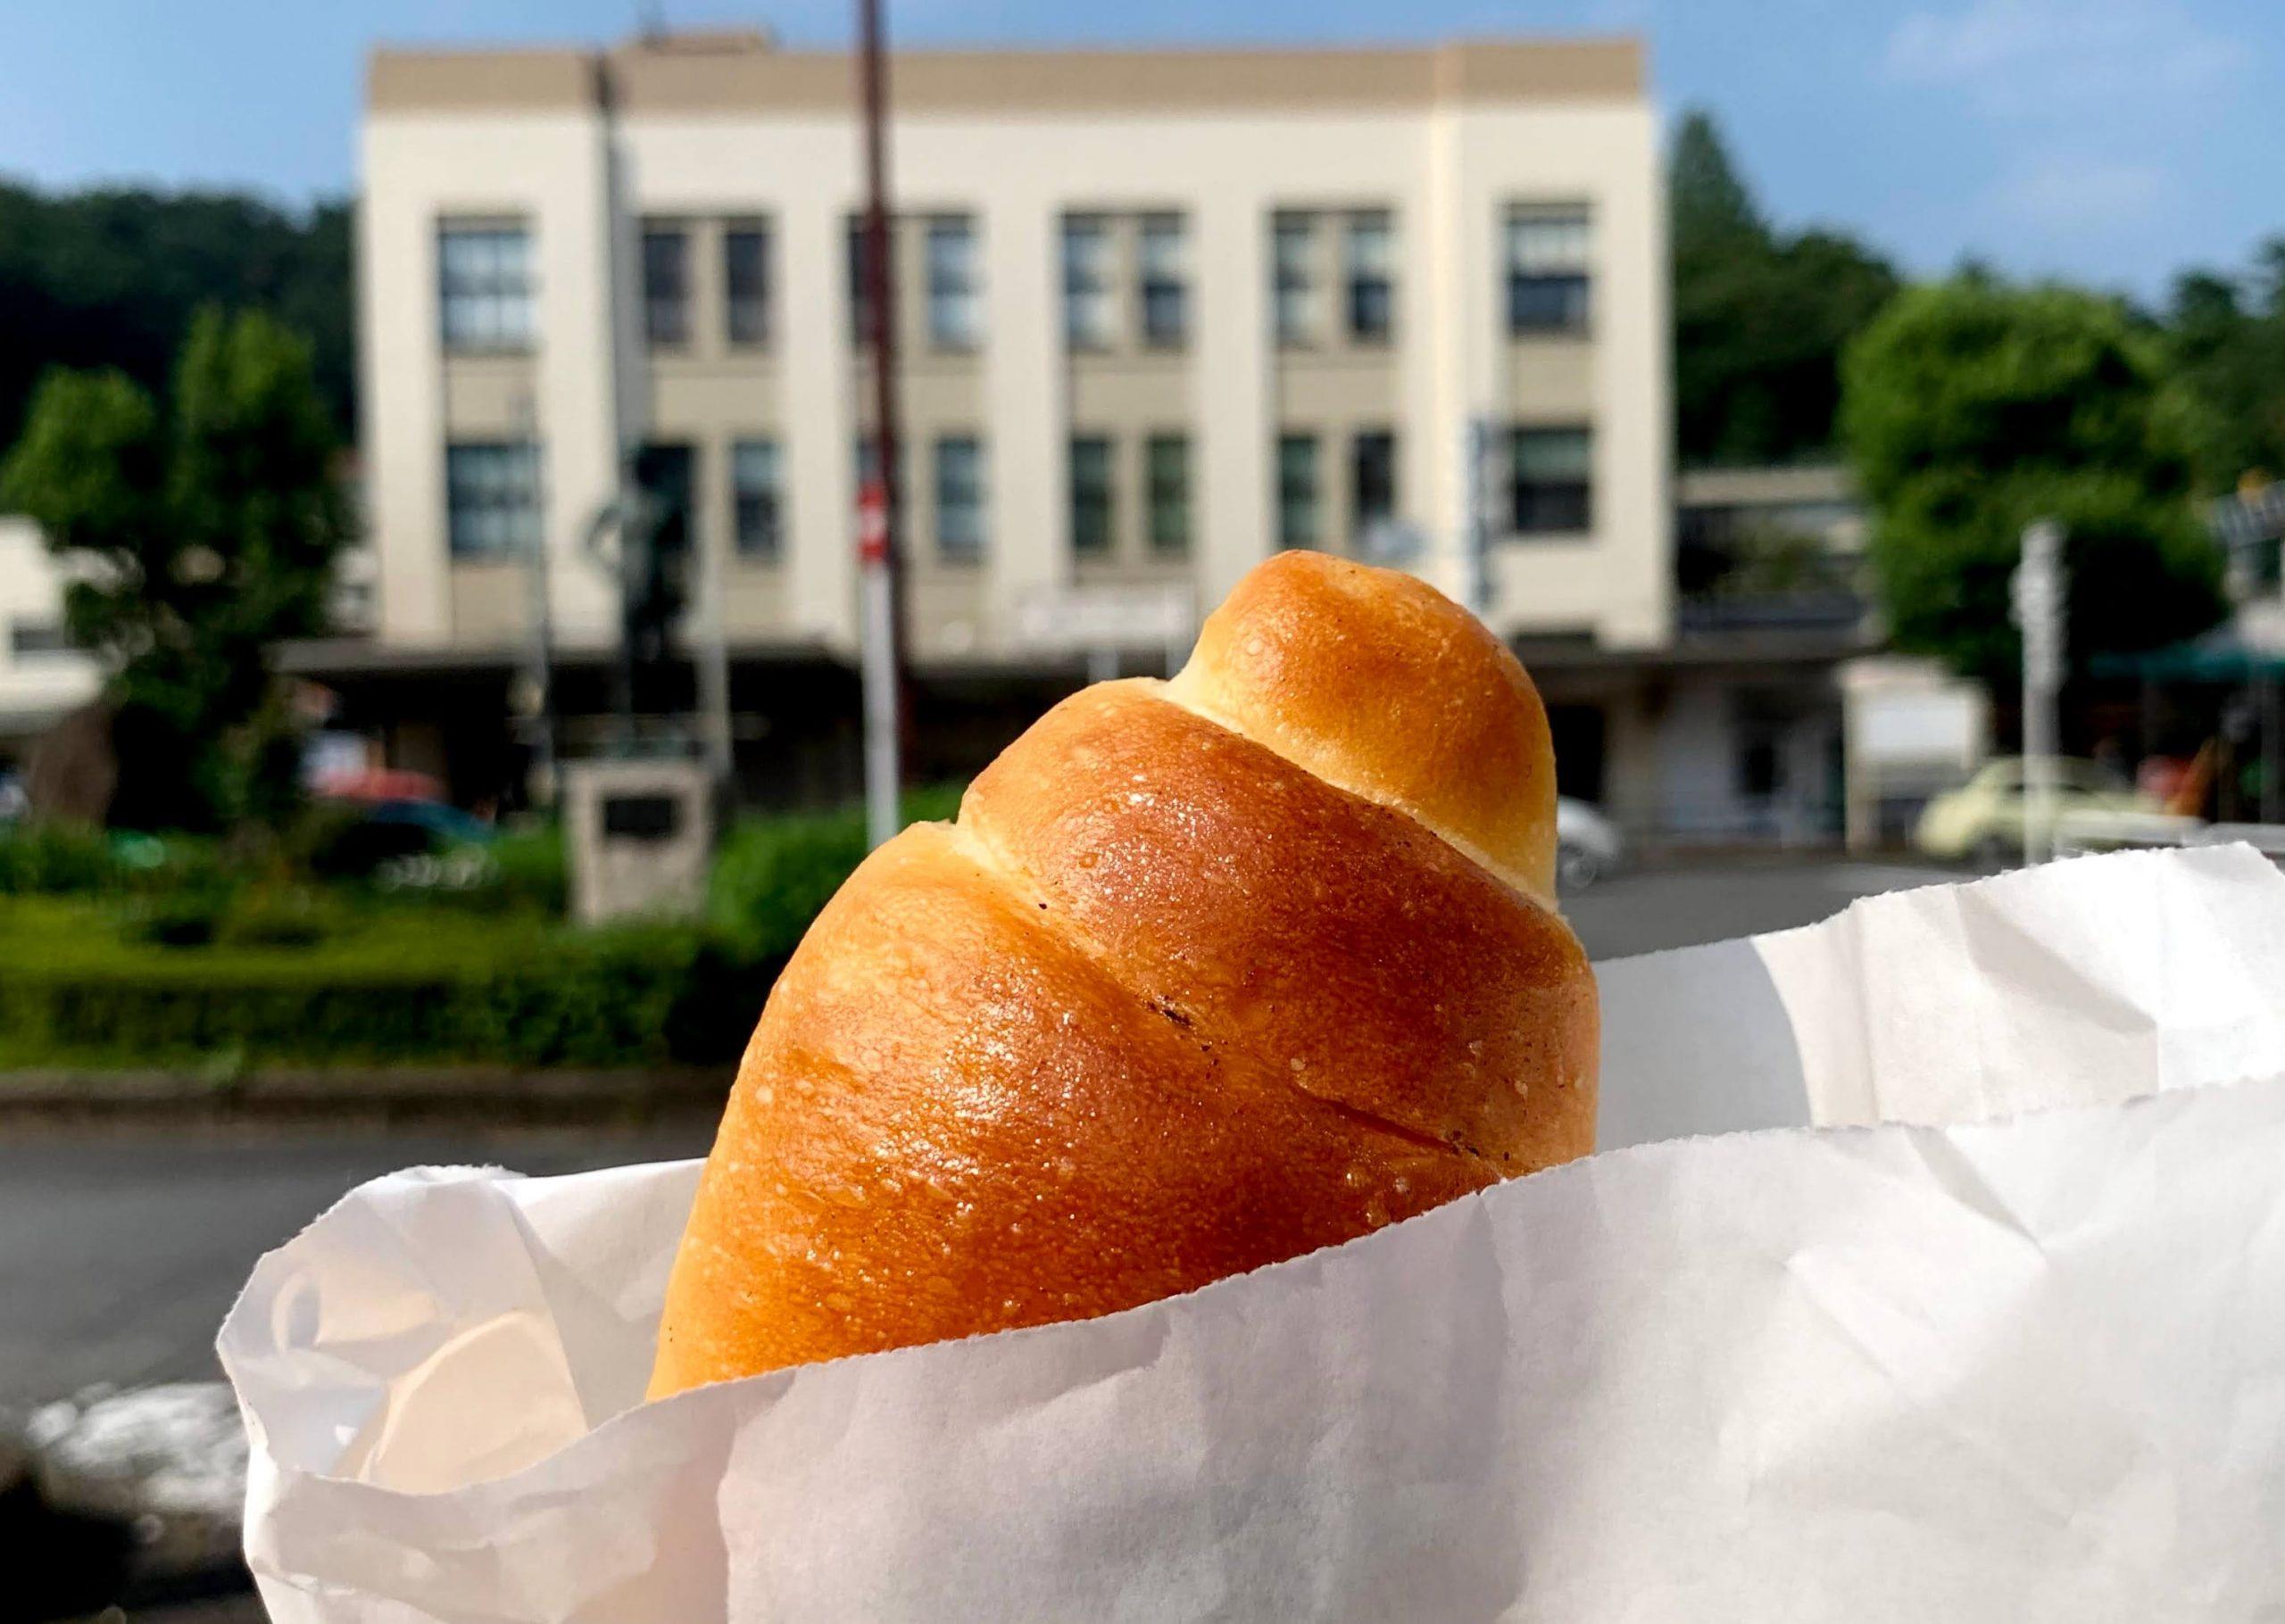 しあわせの葉っぱベーカリーのパン